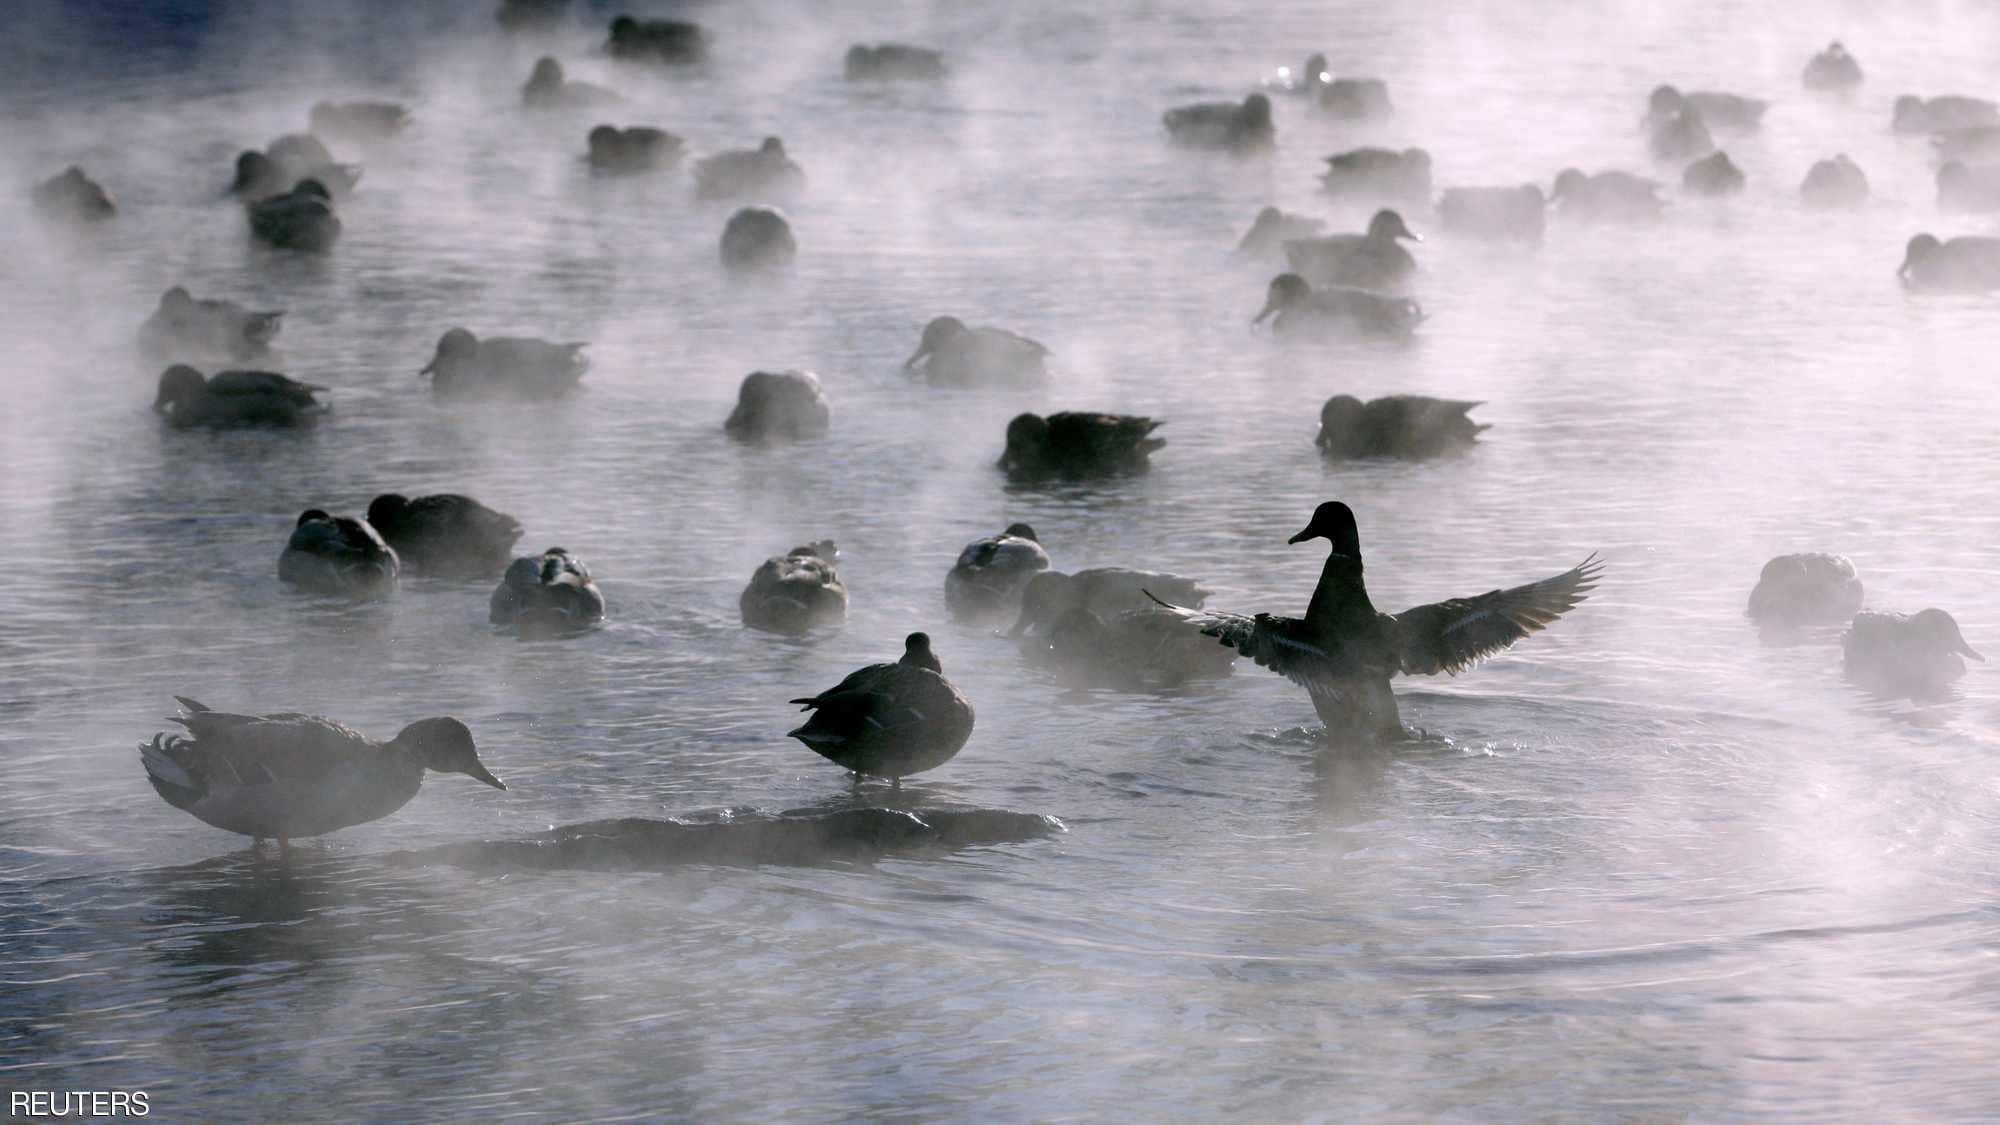 البط يعوم فى نهر يانيسى بمقاطعة سيبيريا الروسية